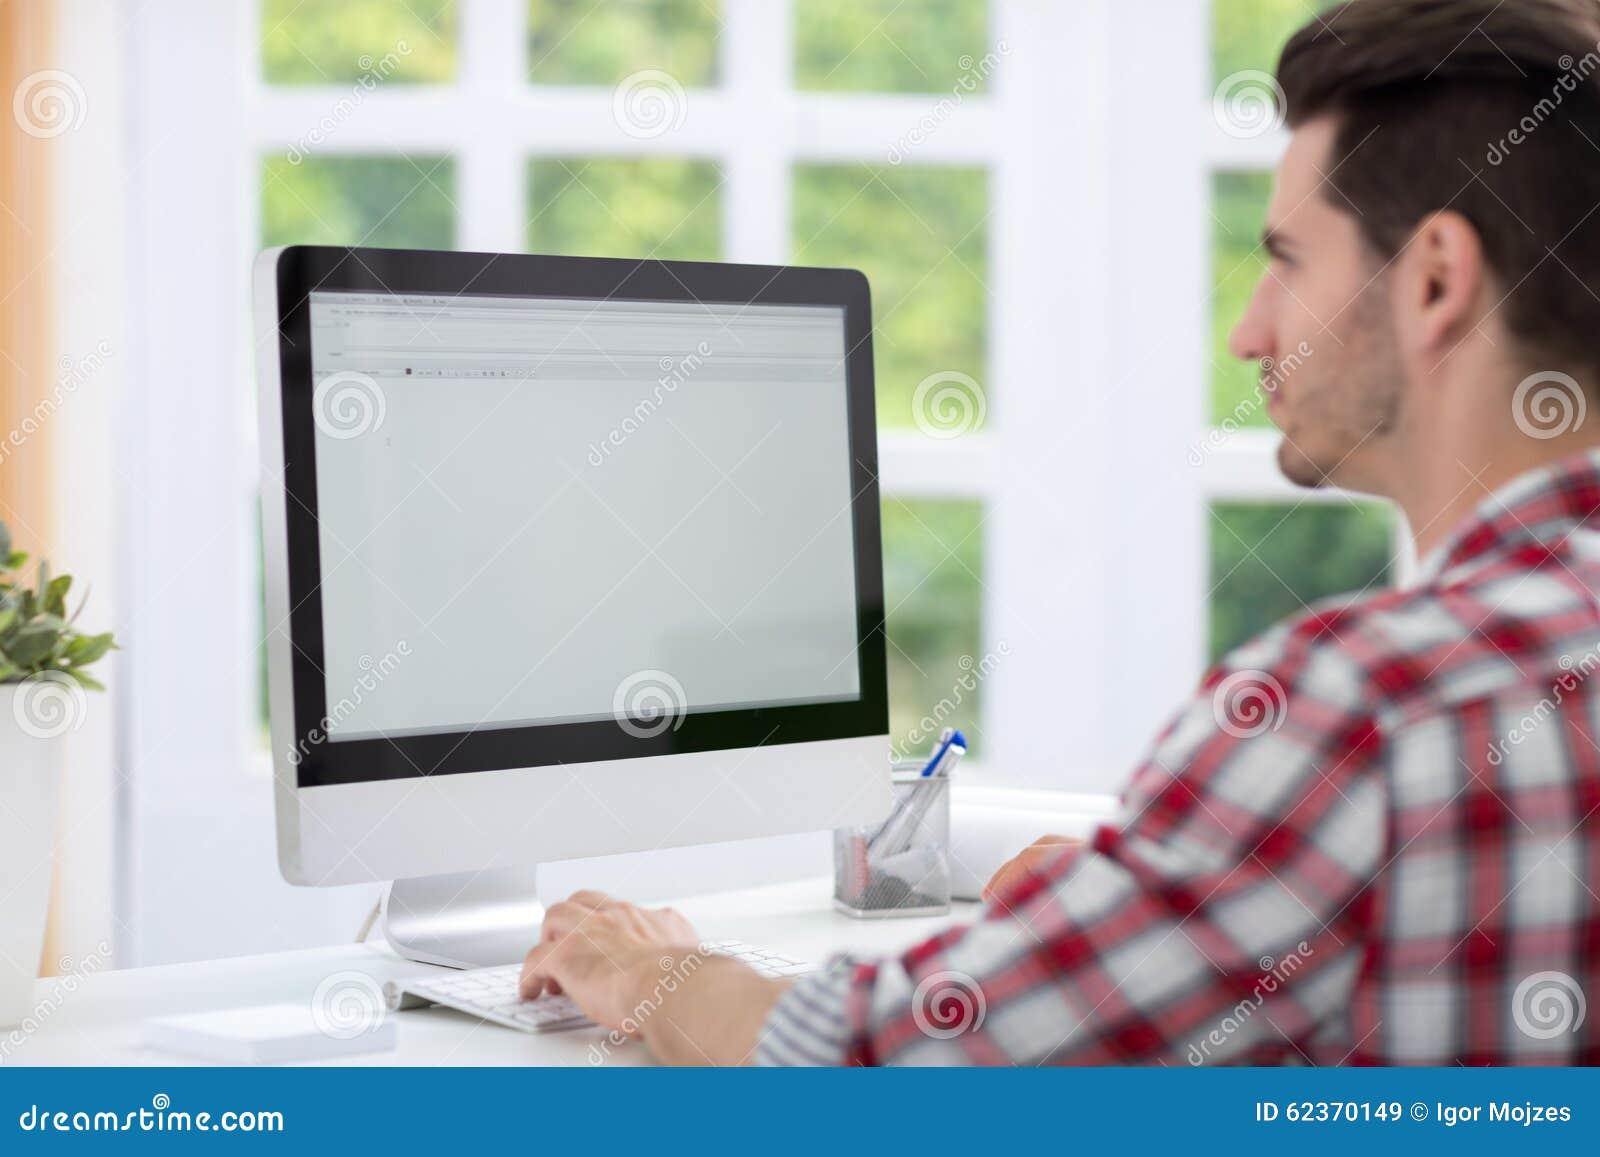 Computer Desk For Desktop